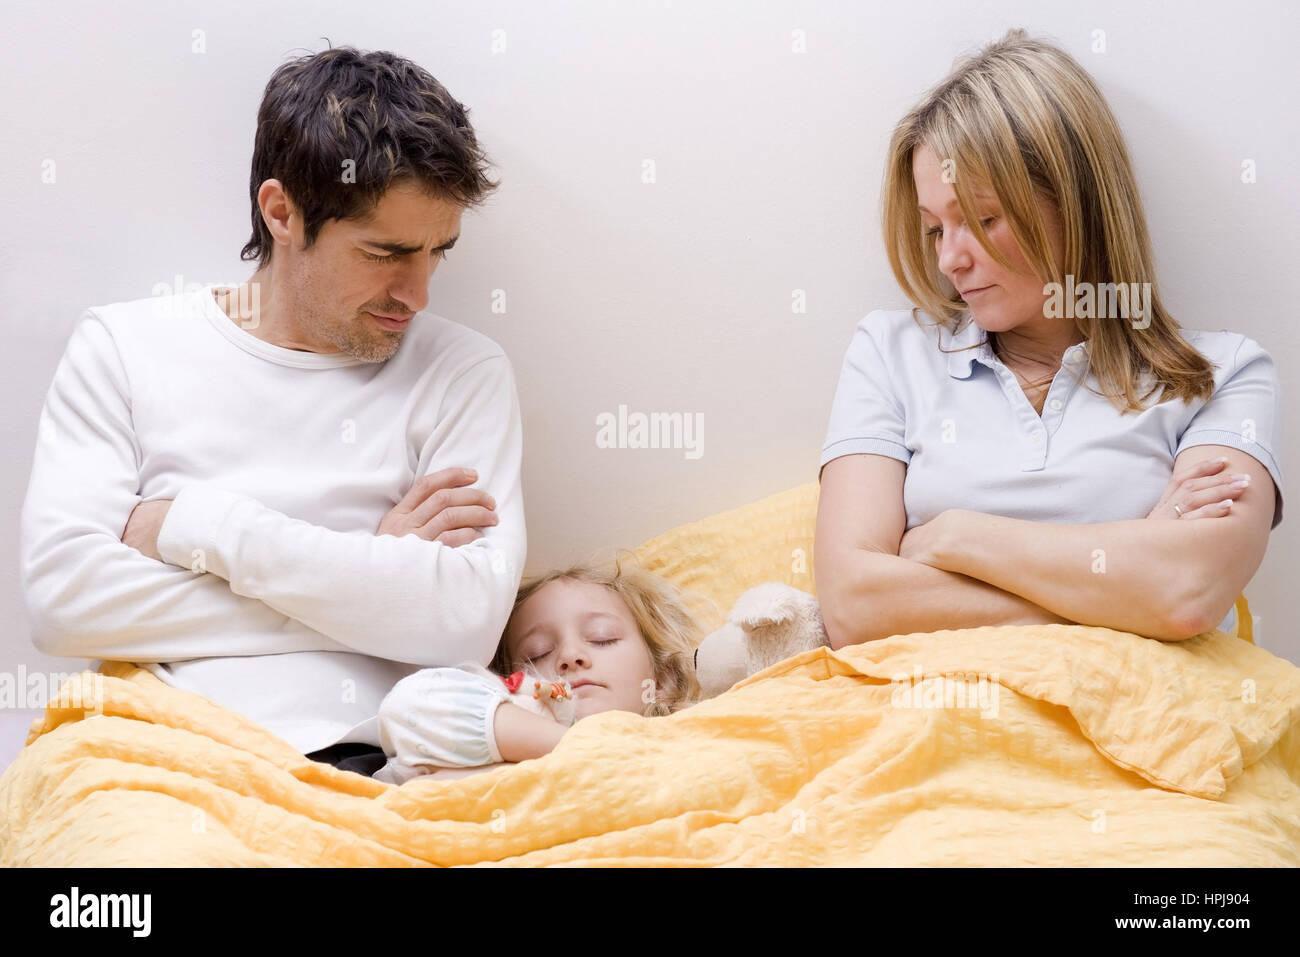 Model released , Tochter schlaeft zwischen den Eltern im Ehebett - daughter sleeping between parents in bed Stock Photo